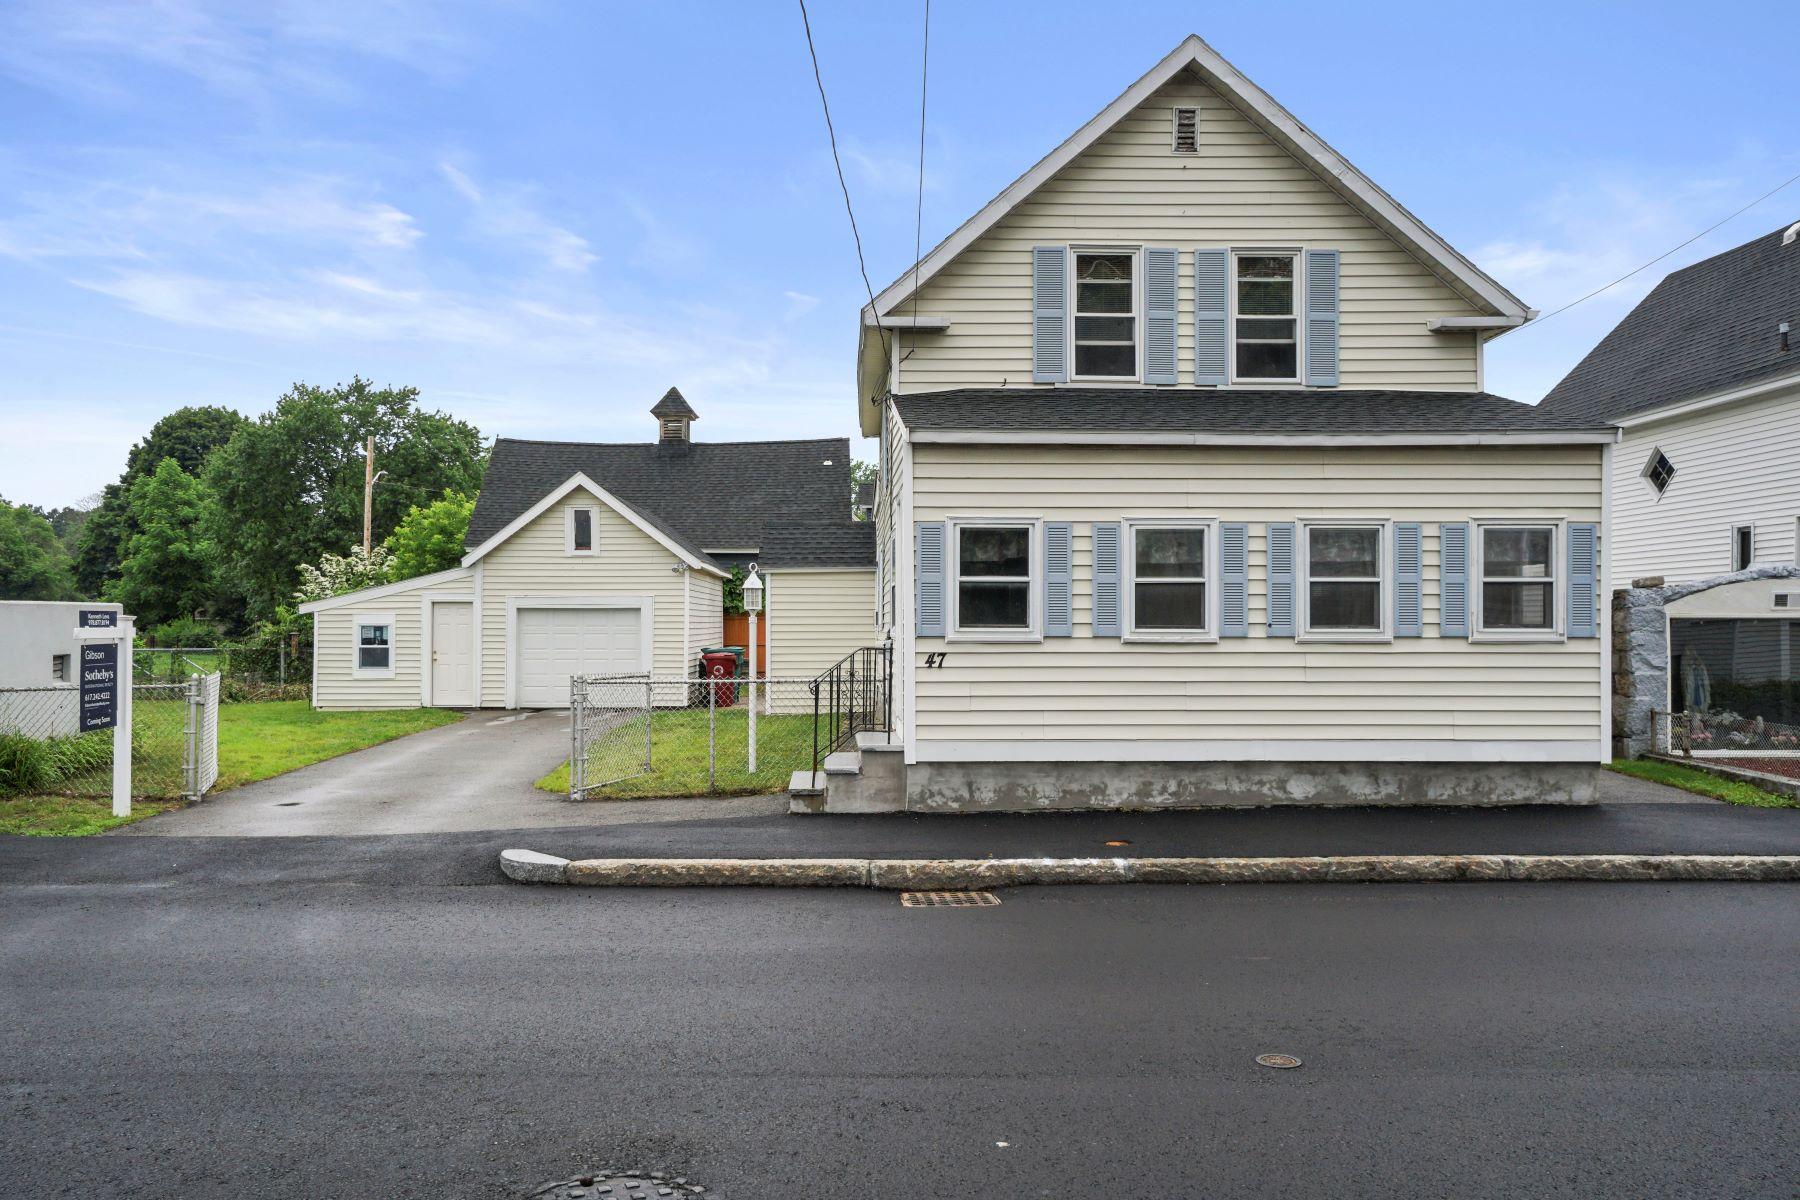 Single Family Homes for Active at 47 Beaver Street 47 Beaver St Lowell, Massachusetts 01850 United States